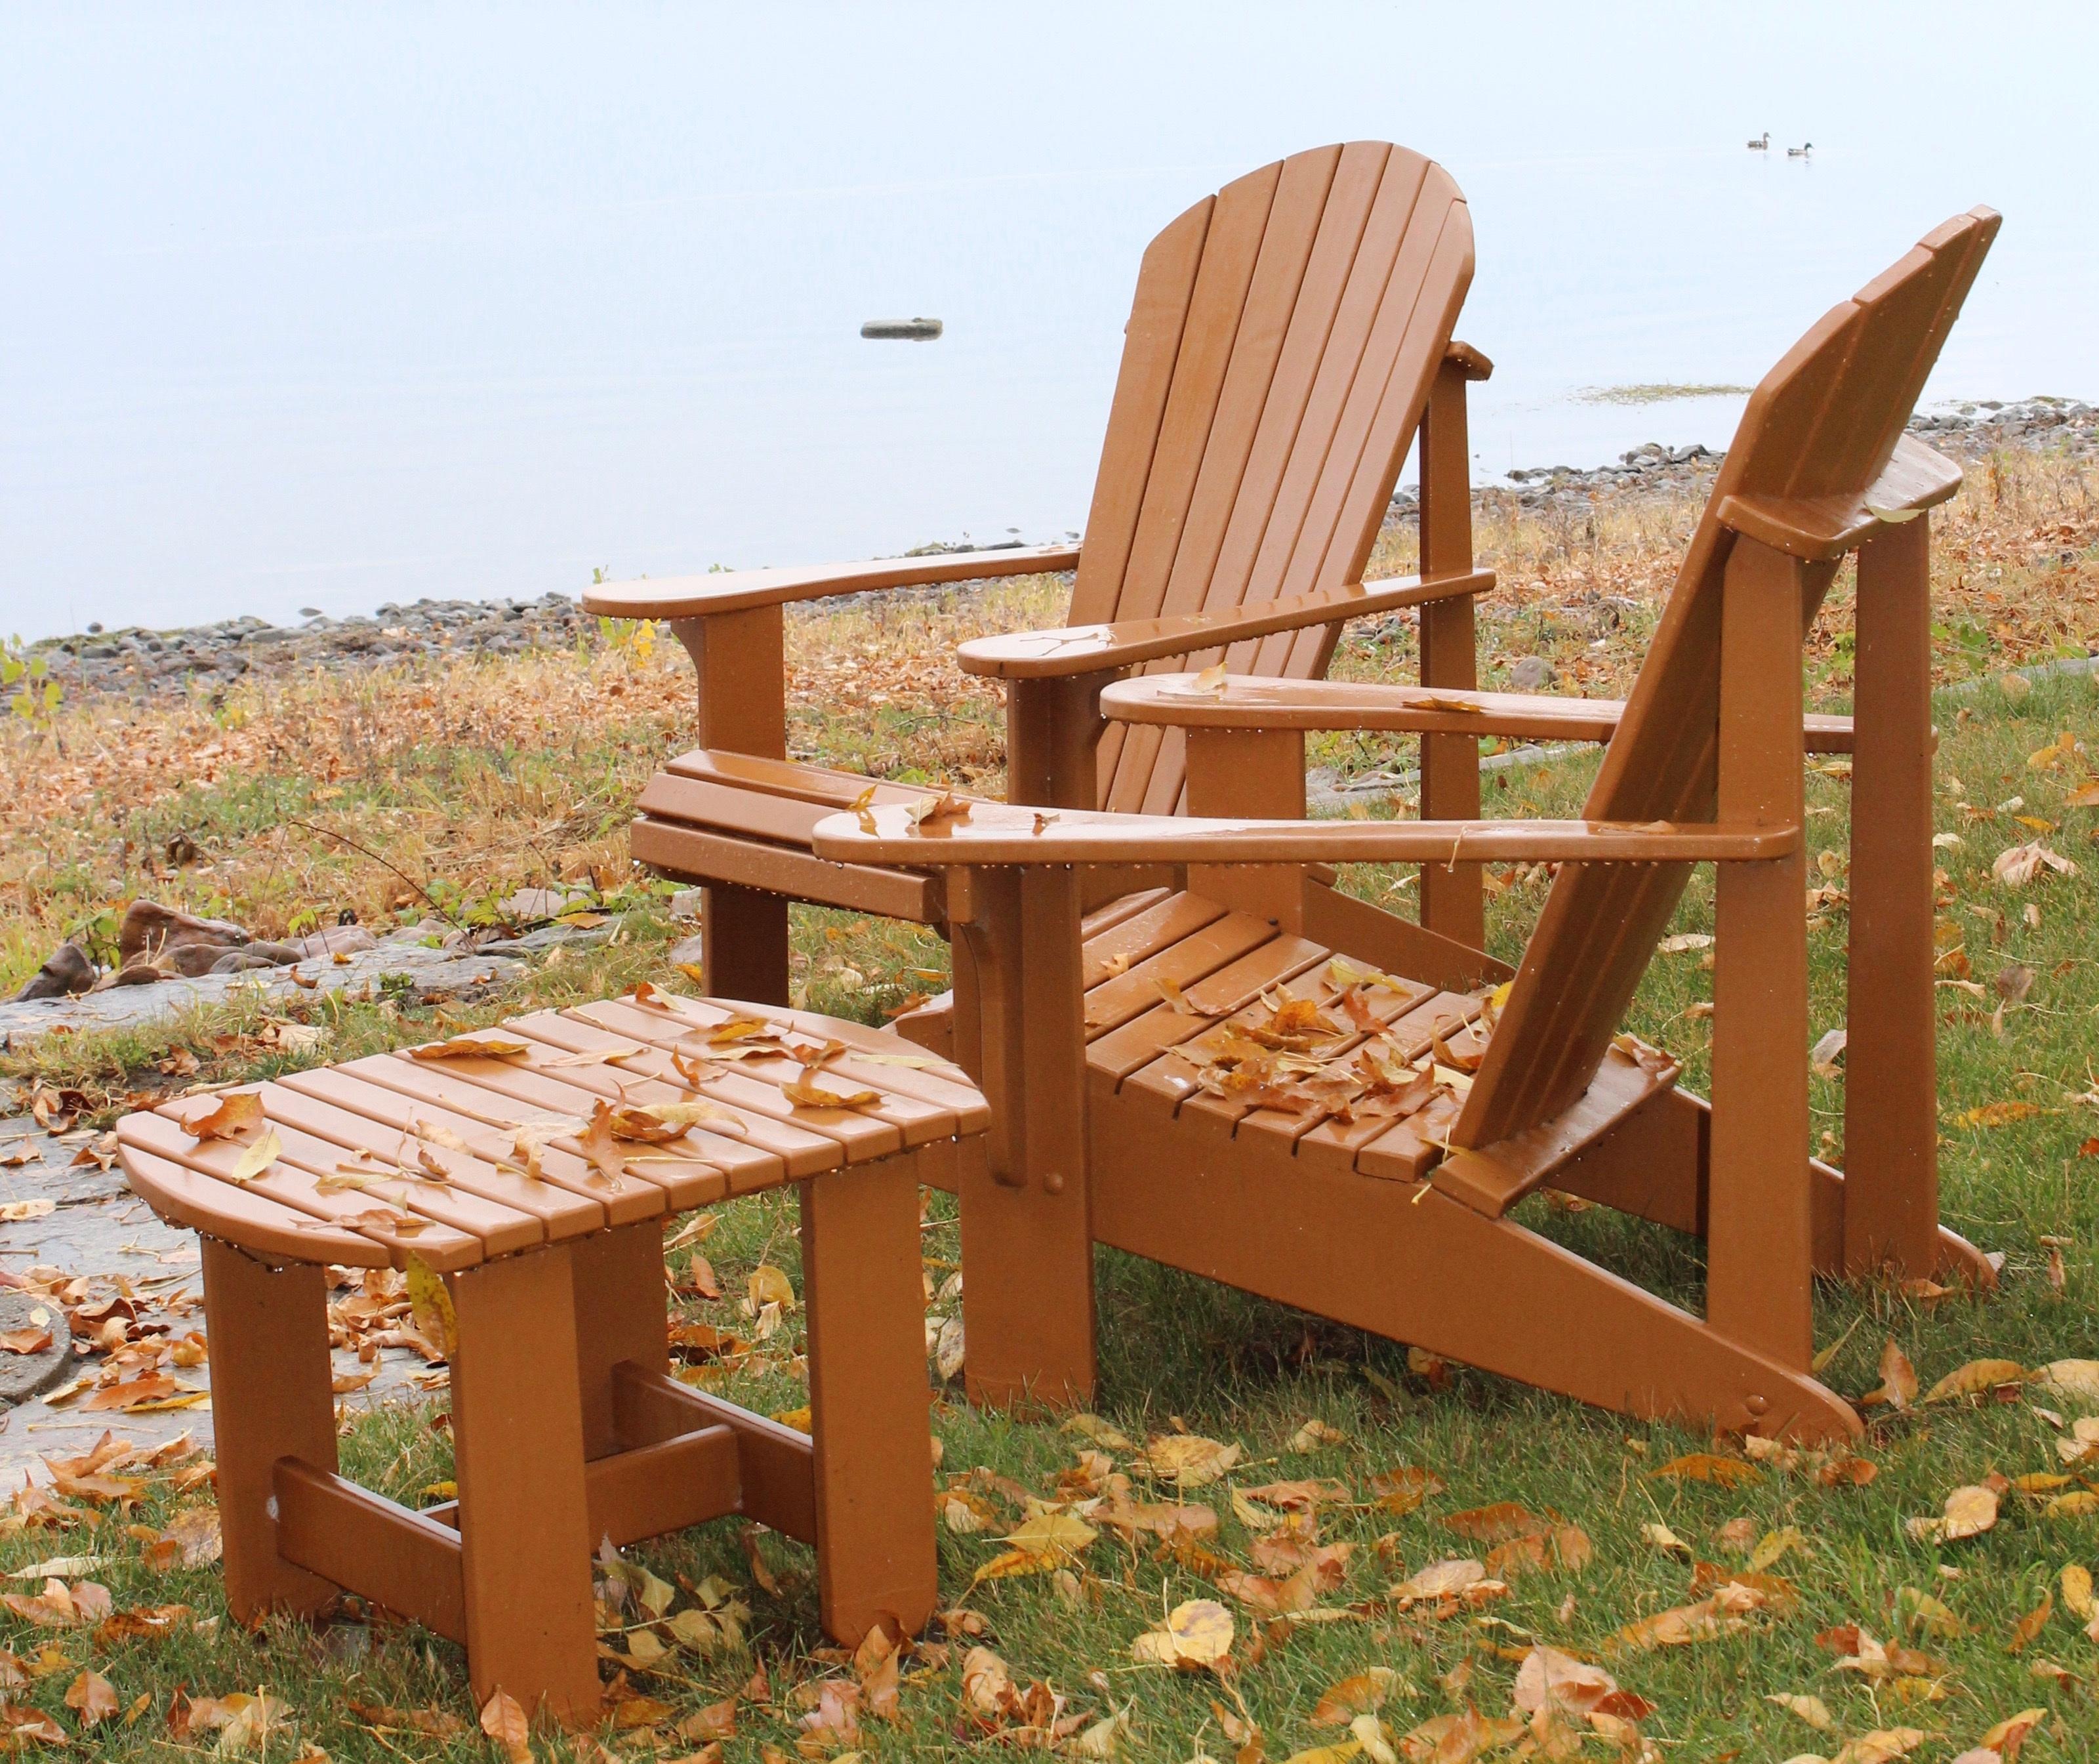 Tabelle Wasser Holz Bank Sessel Möbel Entspannung Spielplatz  Outdoor Spielgeräte